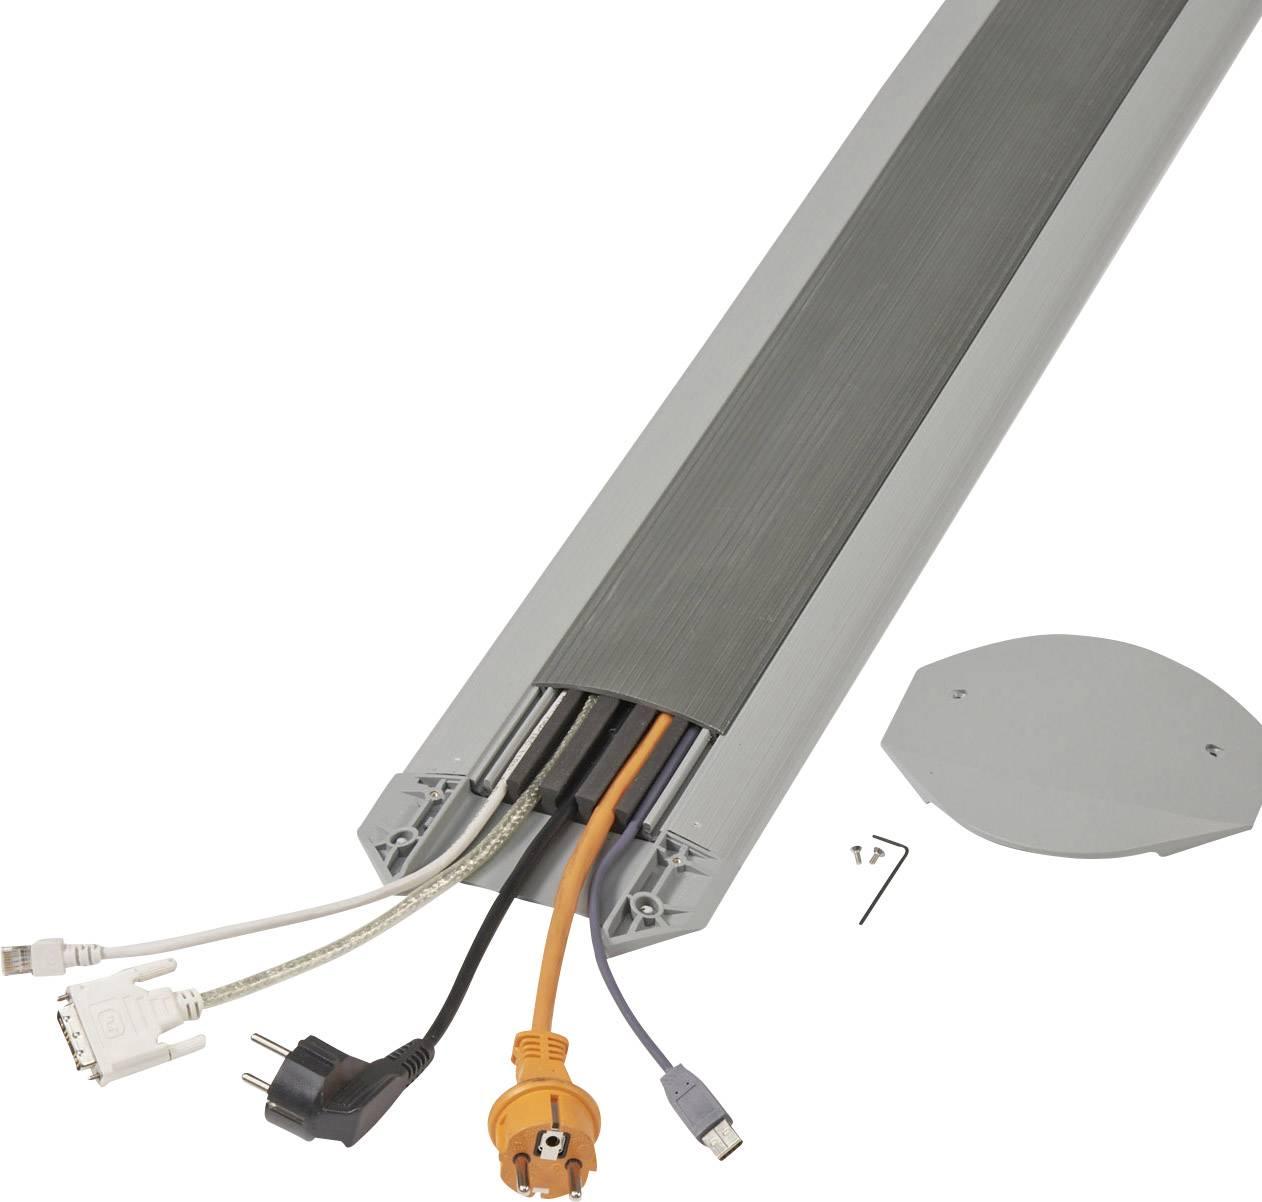 Kabelový můstek Serpa B15, (d x š x v) 3000 x 150 x 17 mm, světle šedá, tmavě šedá, 1 sada